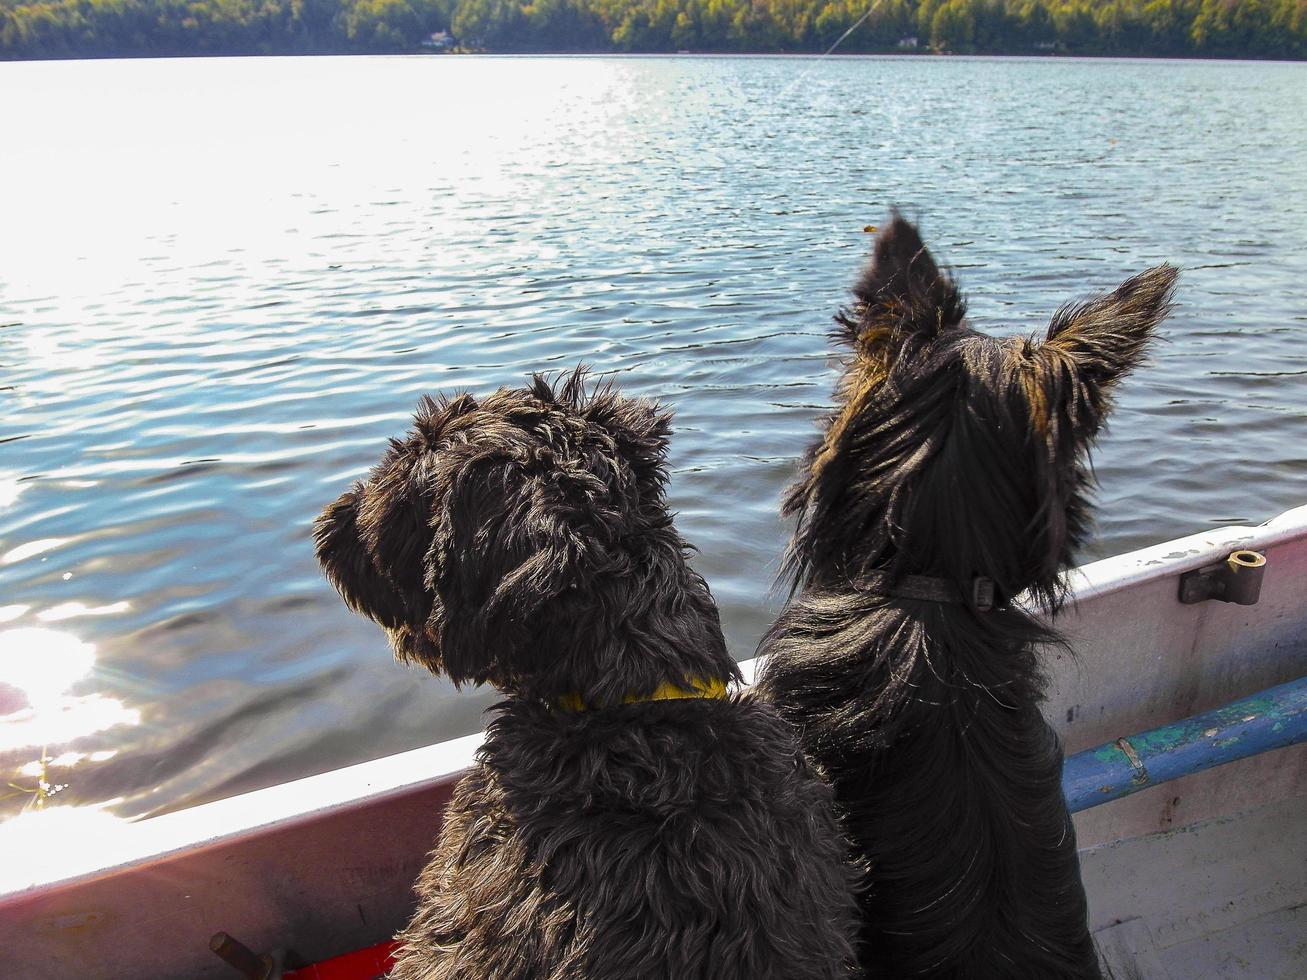 Dos perros en un barco con vistas a un lago con un bosque al fondo foto